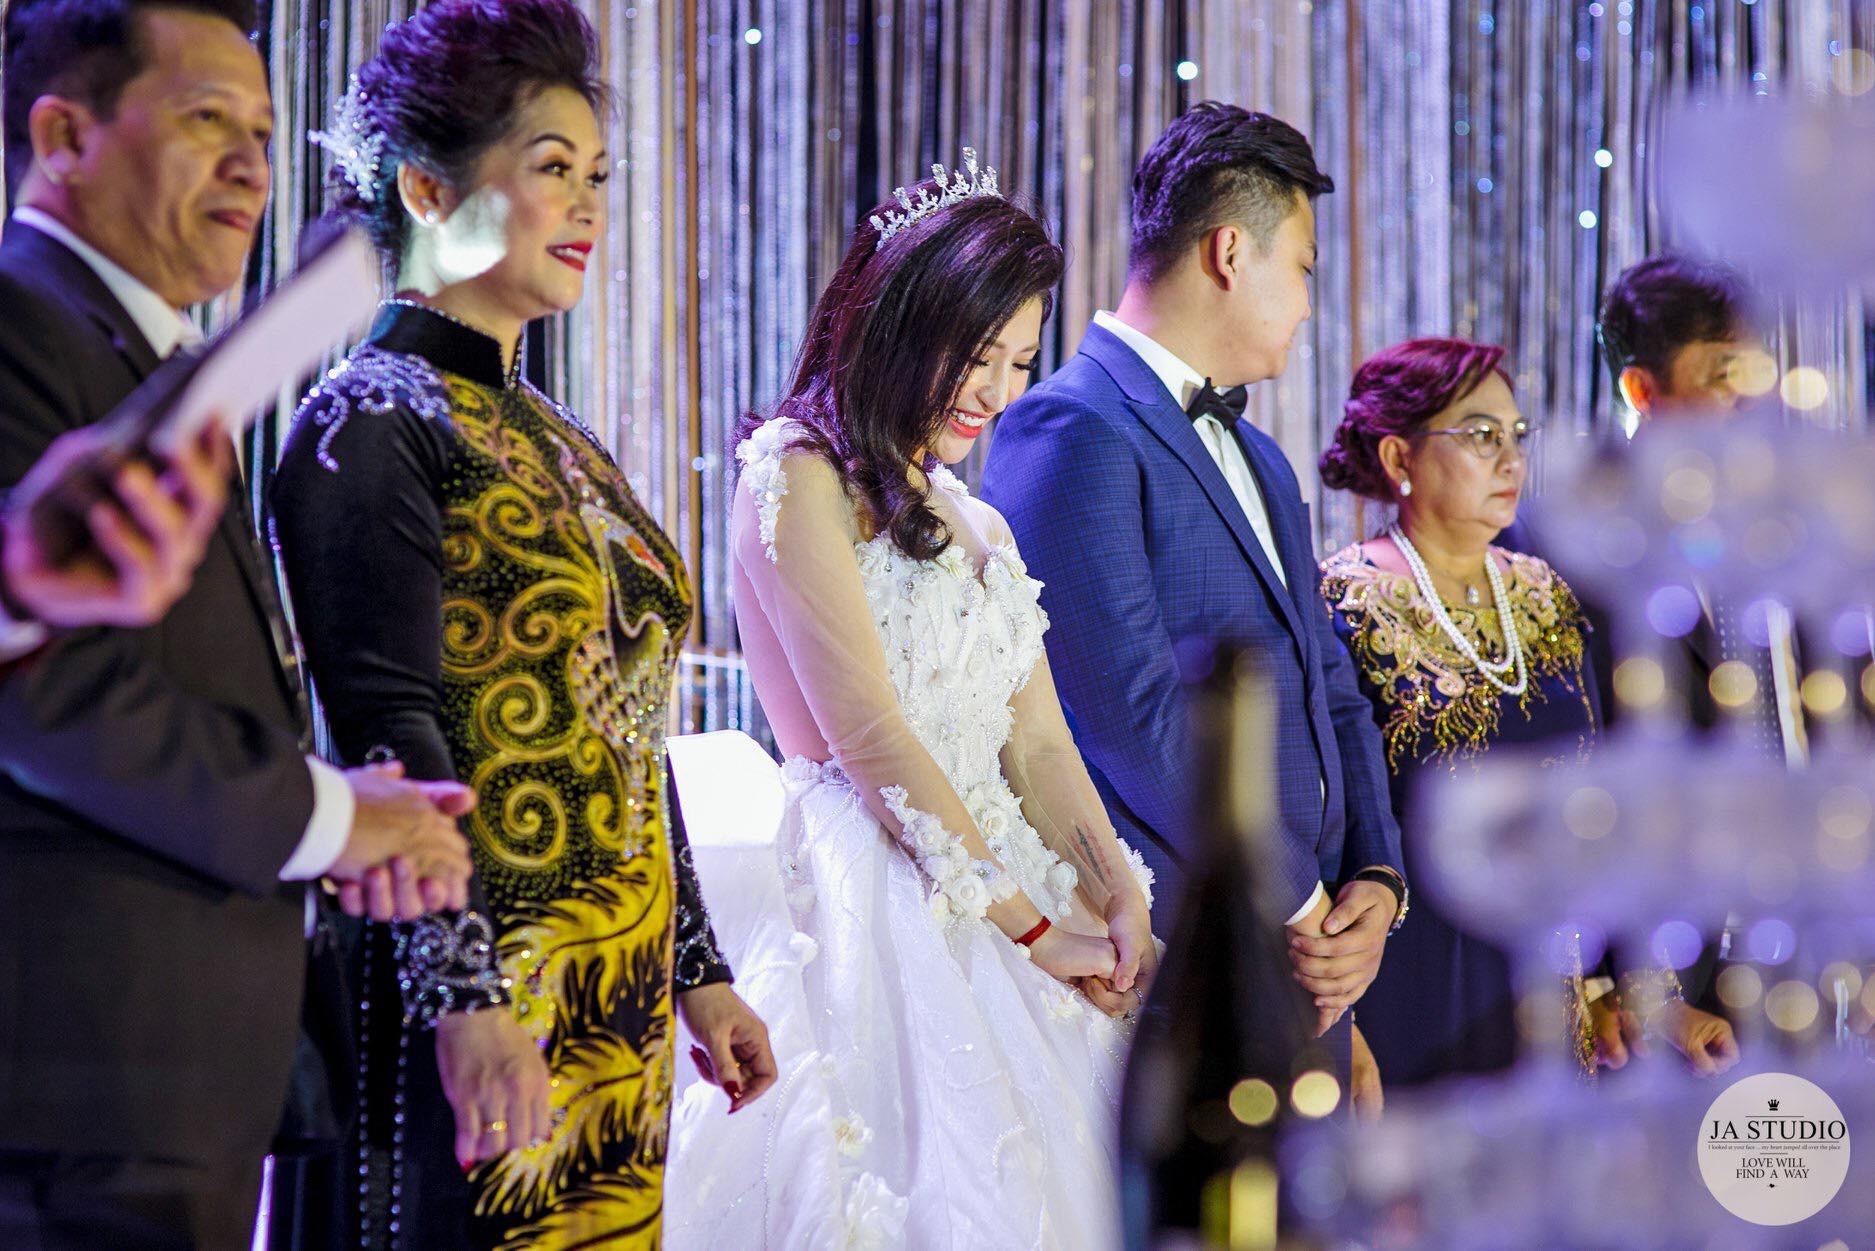 Chùm ảnh: Vân Navy hạnh phúc rưng rưng trong đám cưới với bạn trai doanh nhân - Ảnh 6.